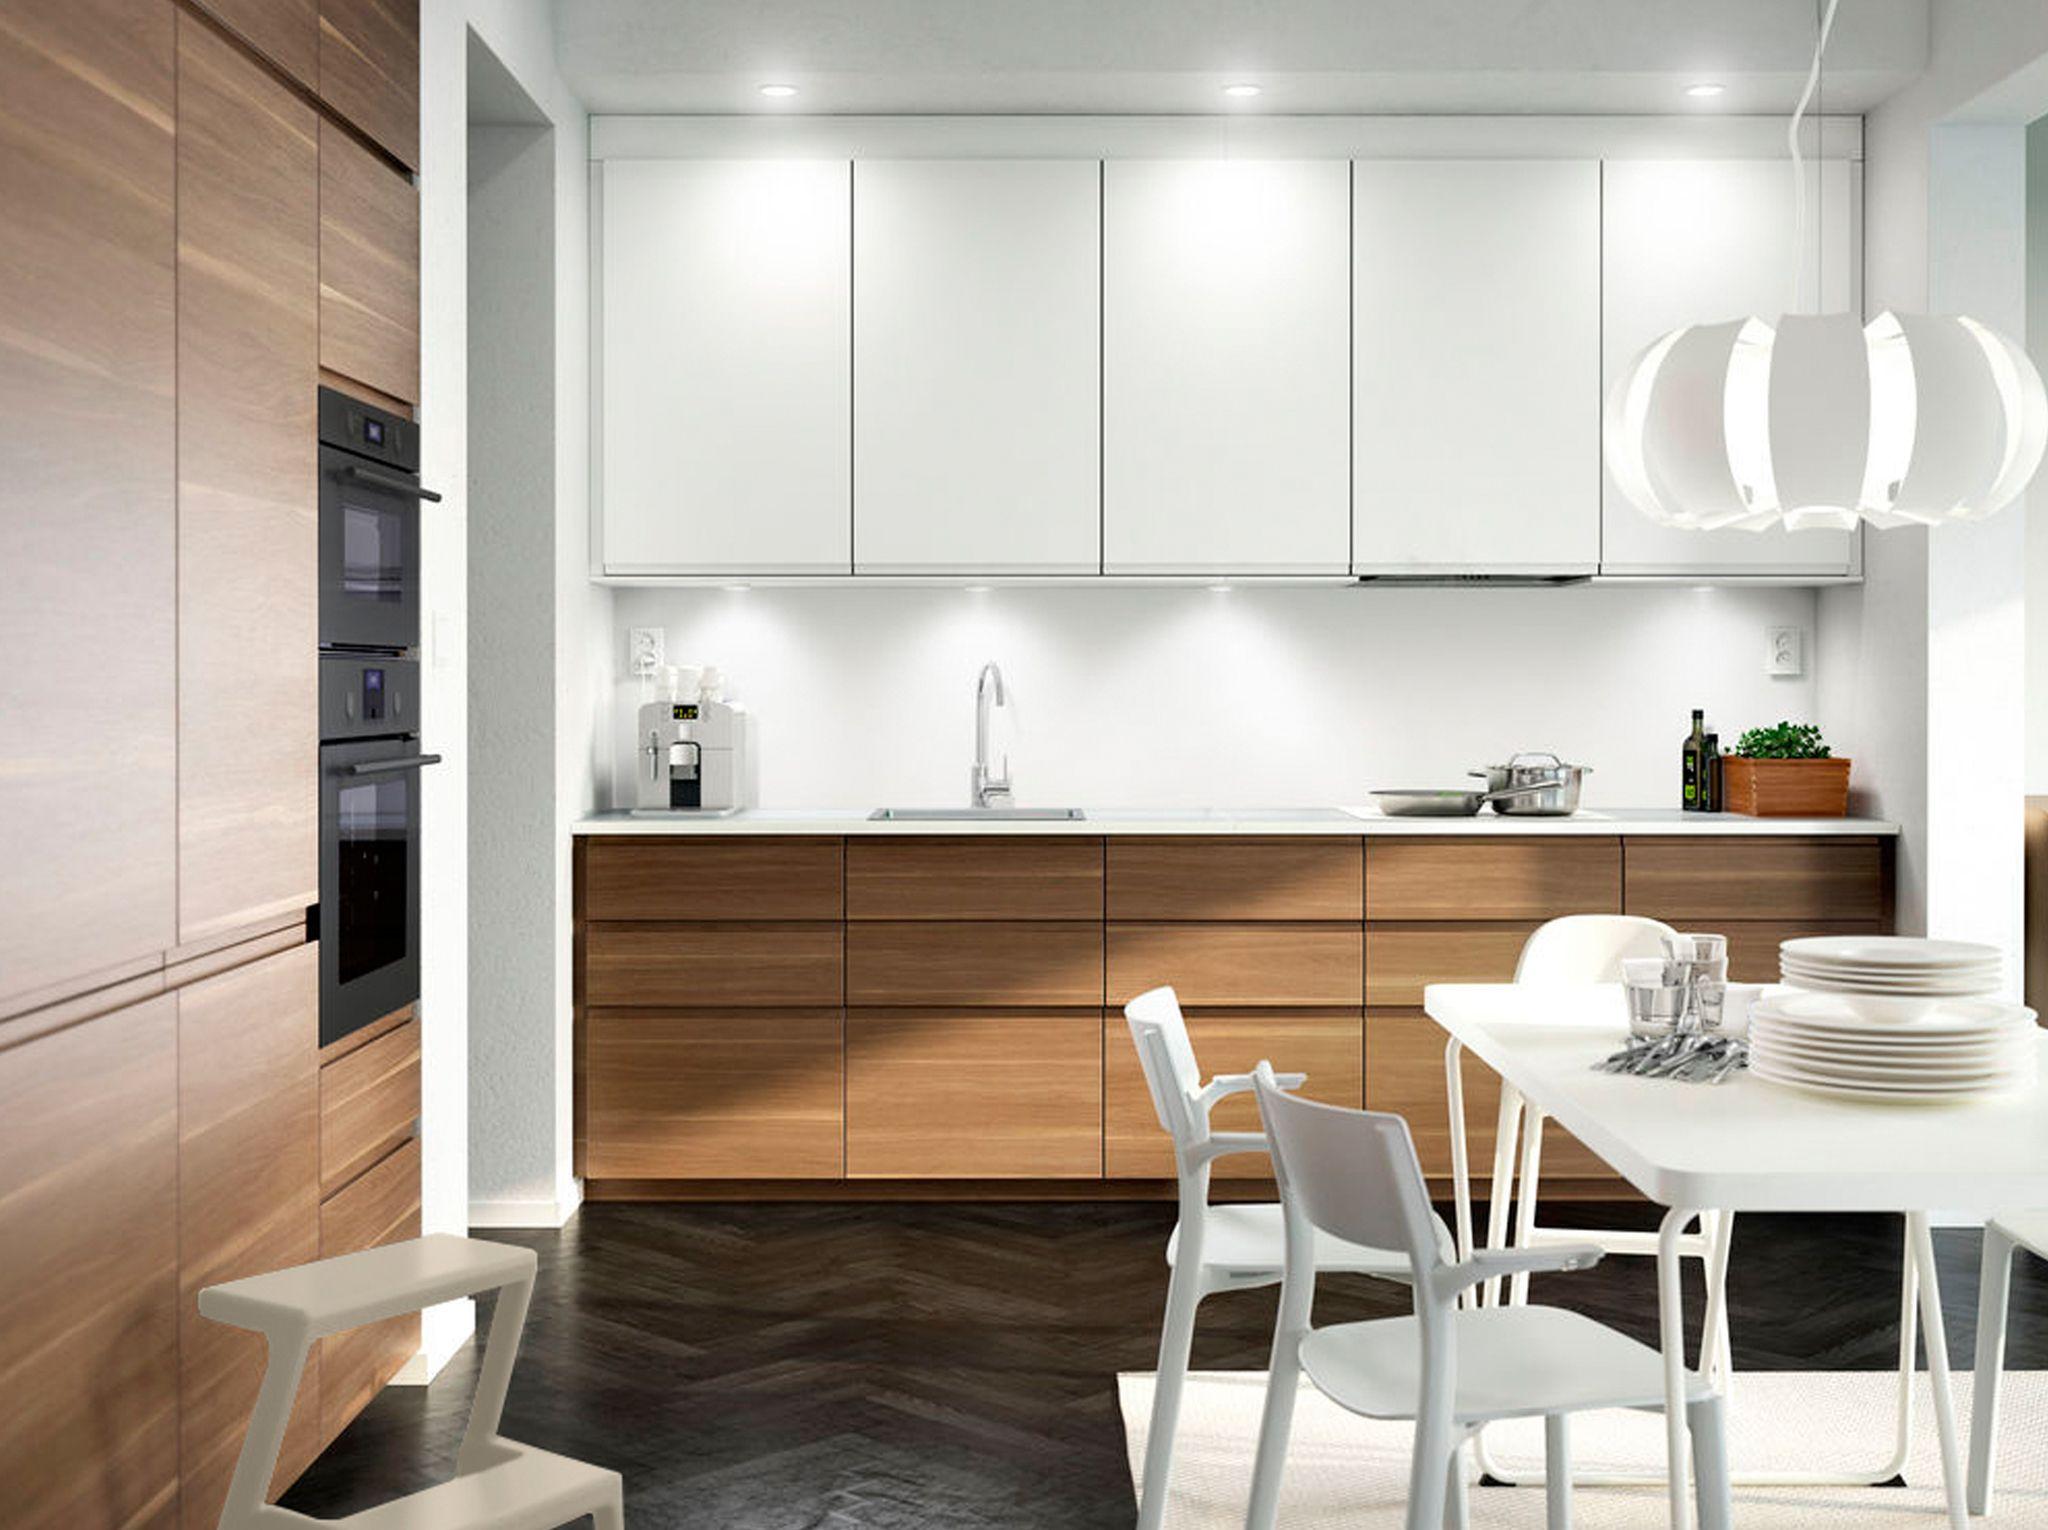 Full Size of Küchenrückwand Ikea Kche Schrnke Design Tren Kleine Modulküche Betten 160x200 Küche Kosten Bei Miniküche Sofa Mit Schlaffunktion Kaufen Wohnzimmer Küchenrückwand Ikea